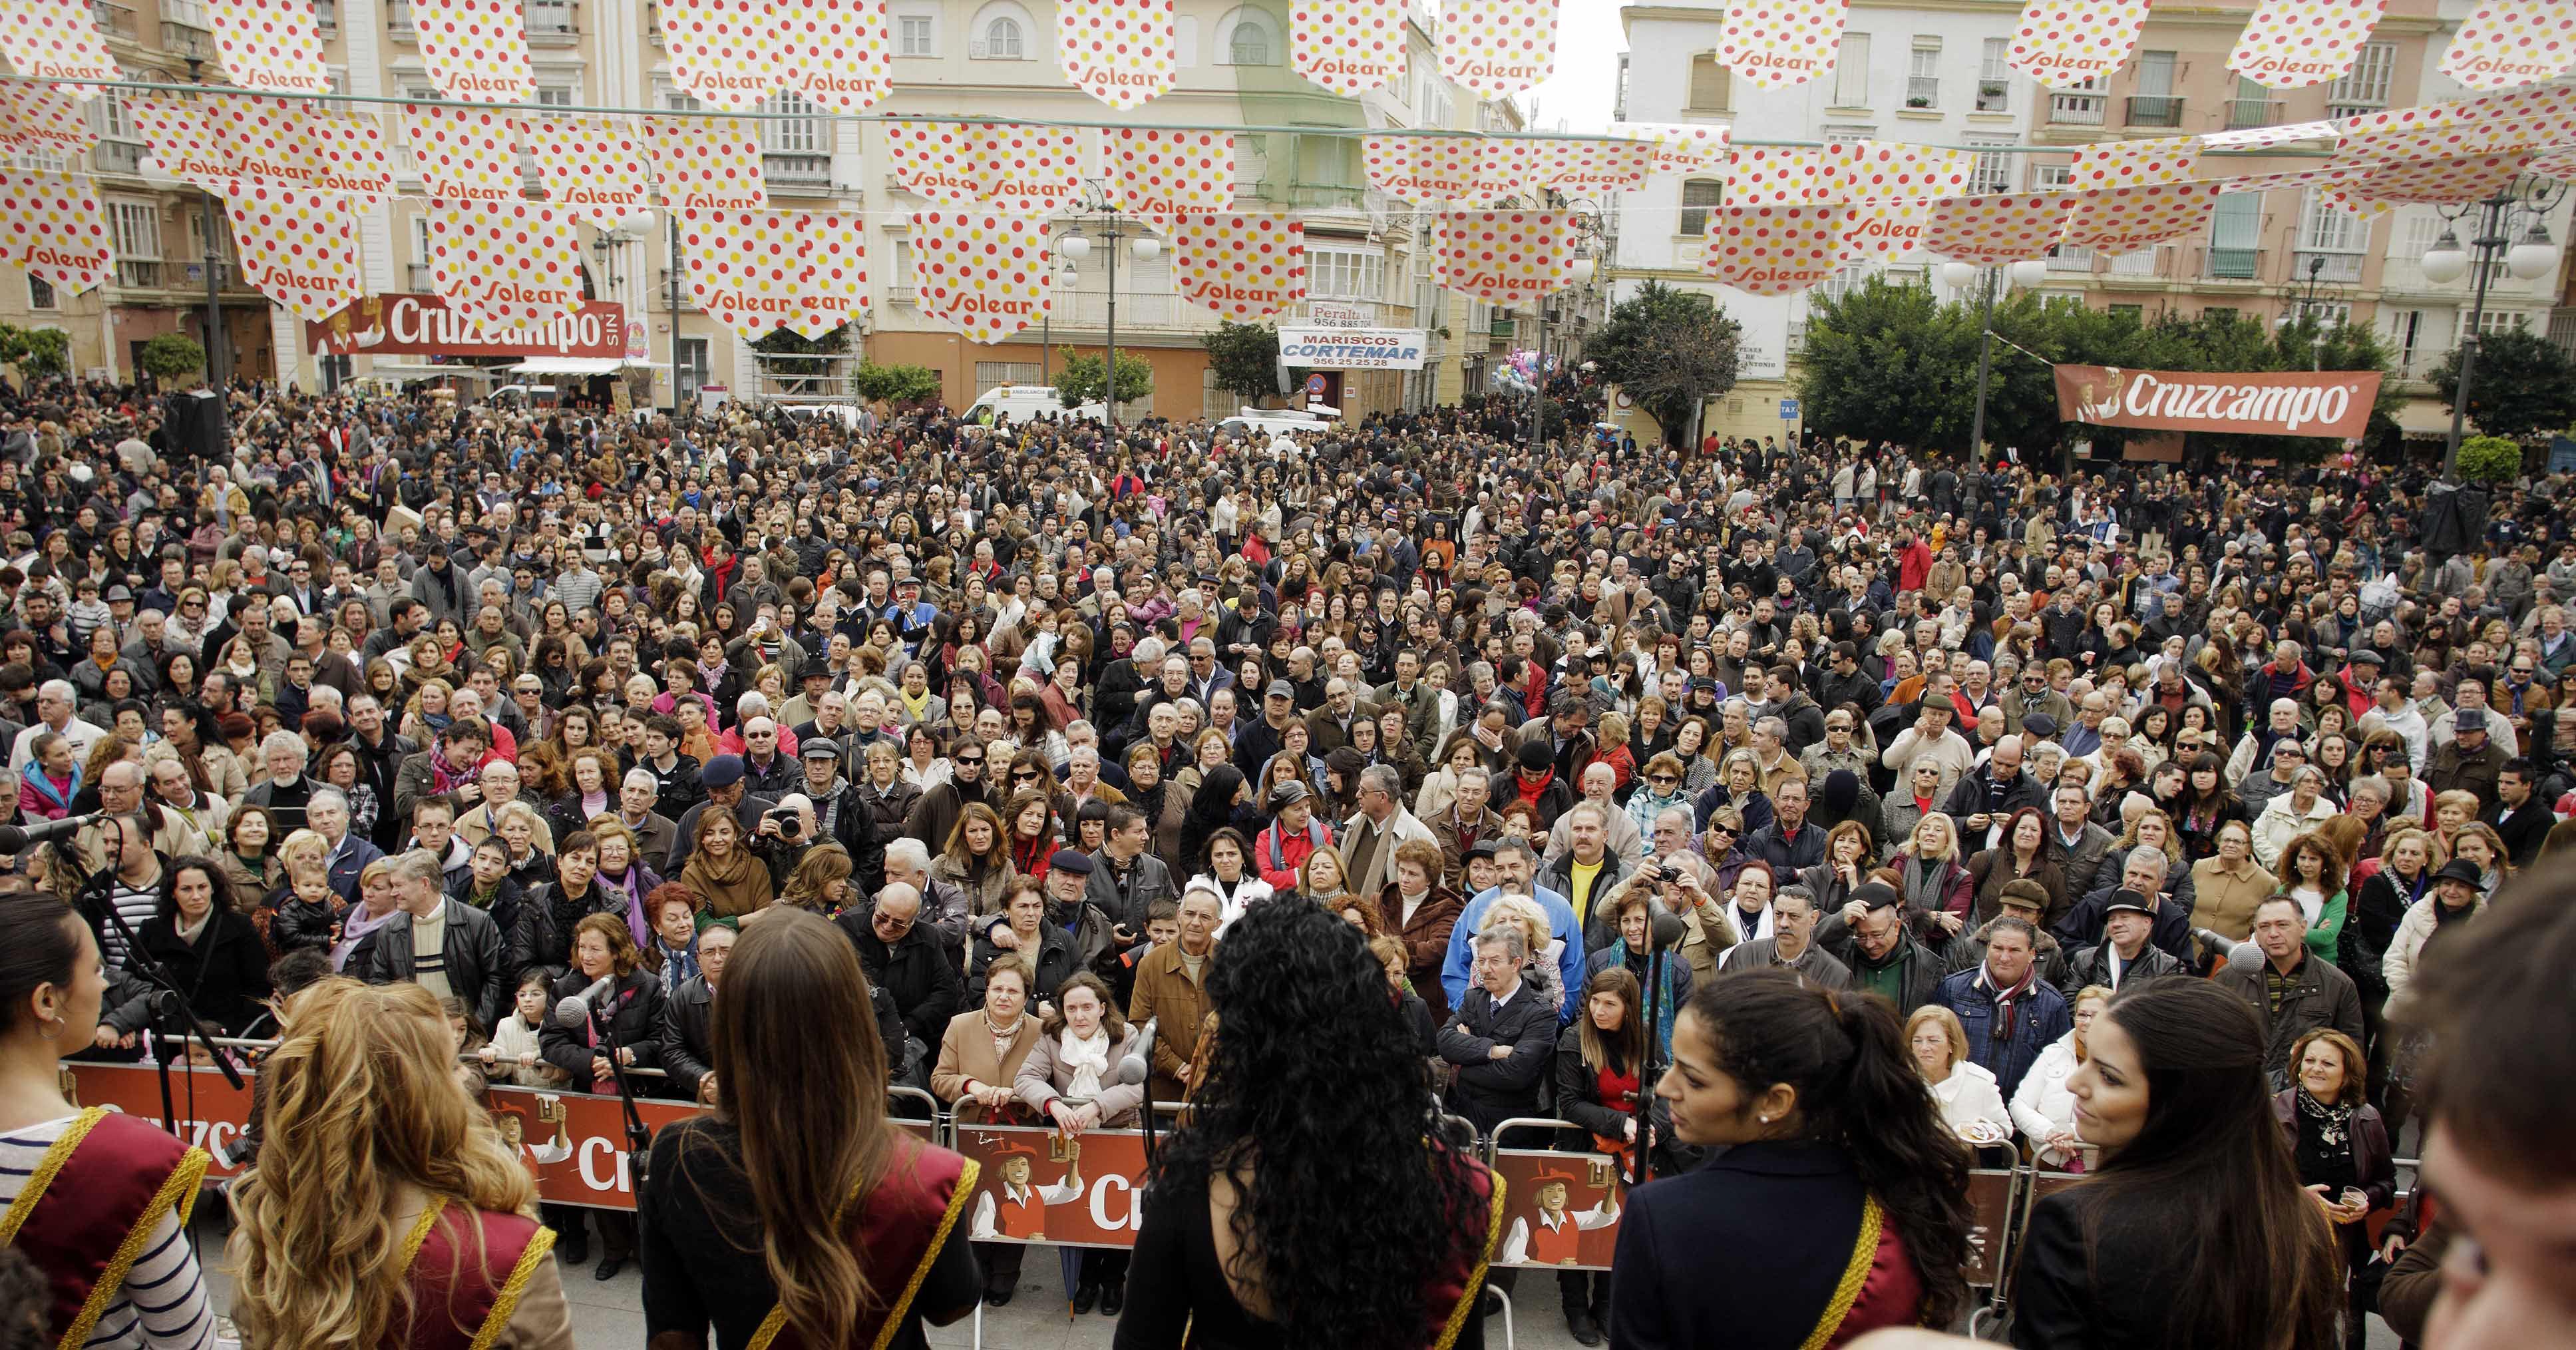 Carnavales de Cadiz desde Granada 16€ - Viajes Explorer